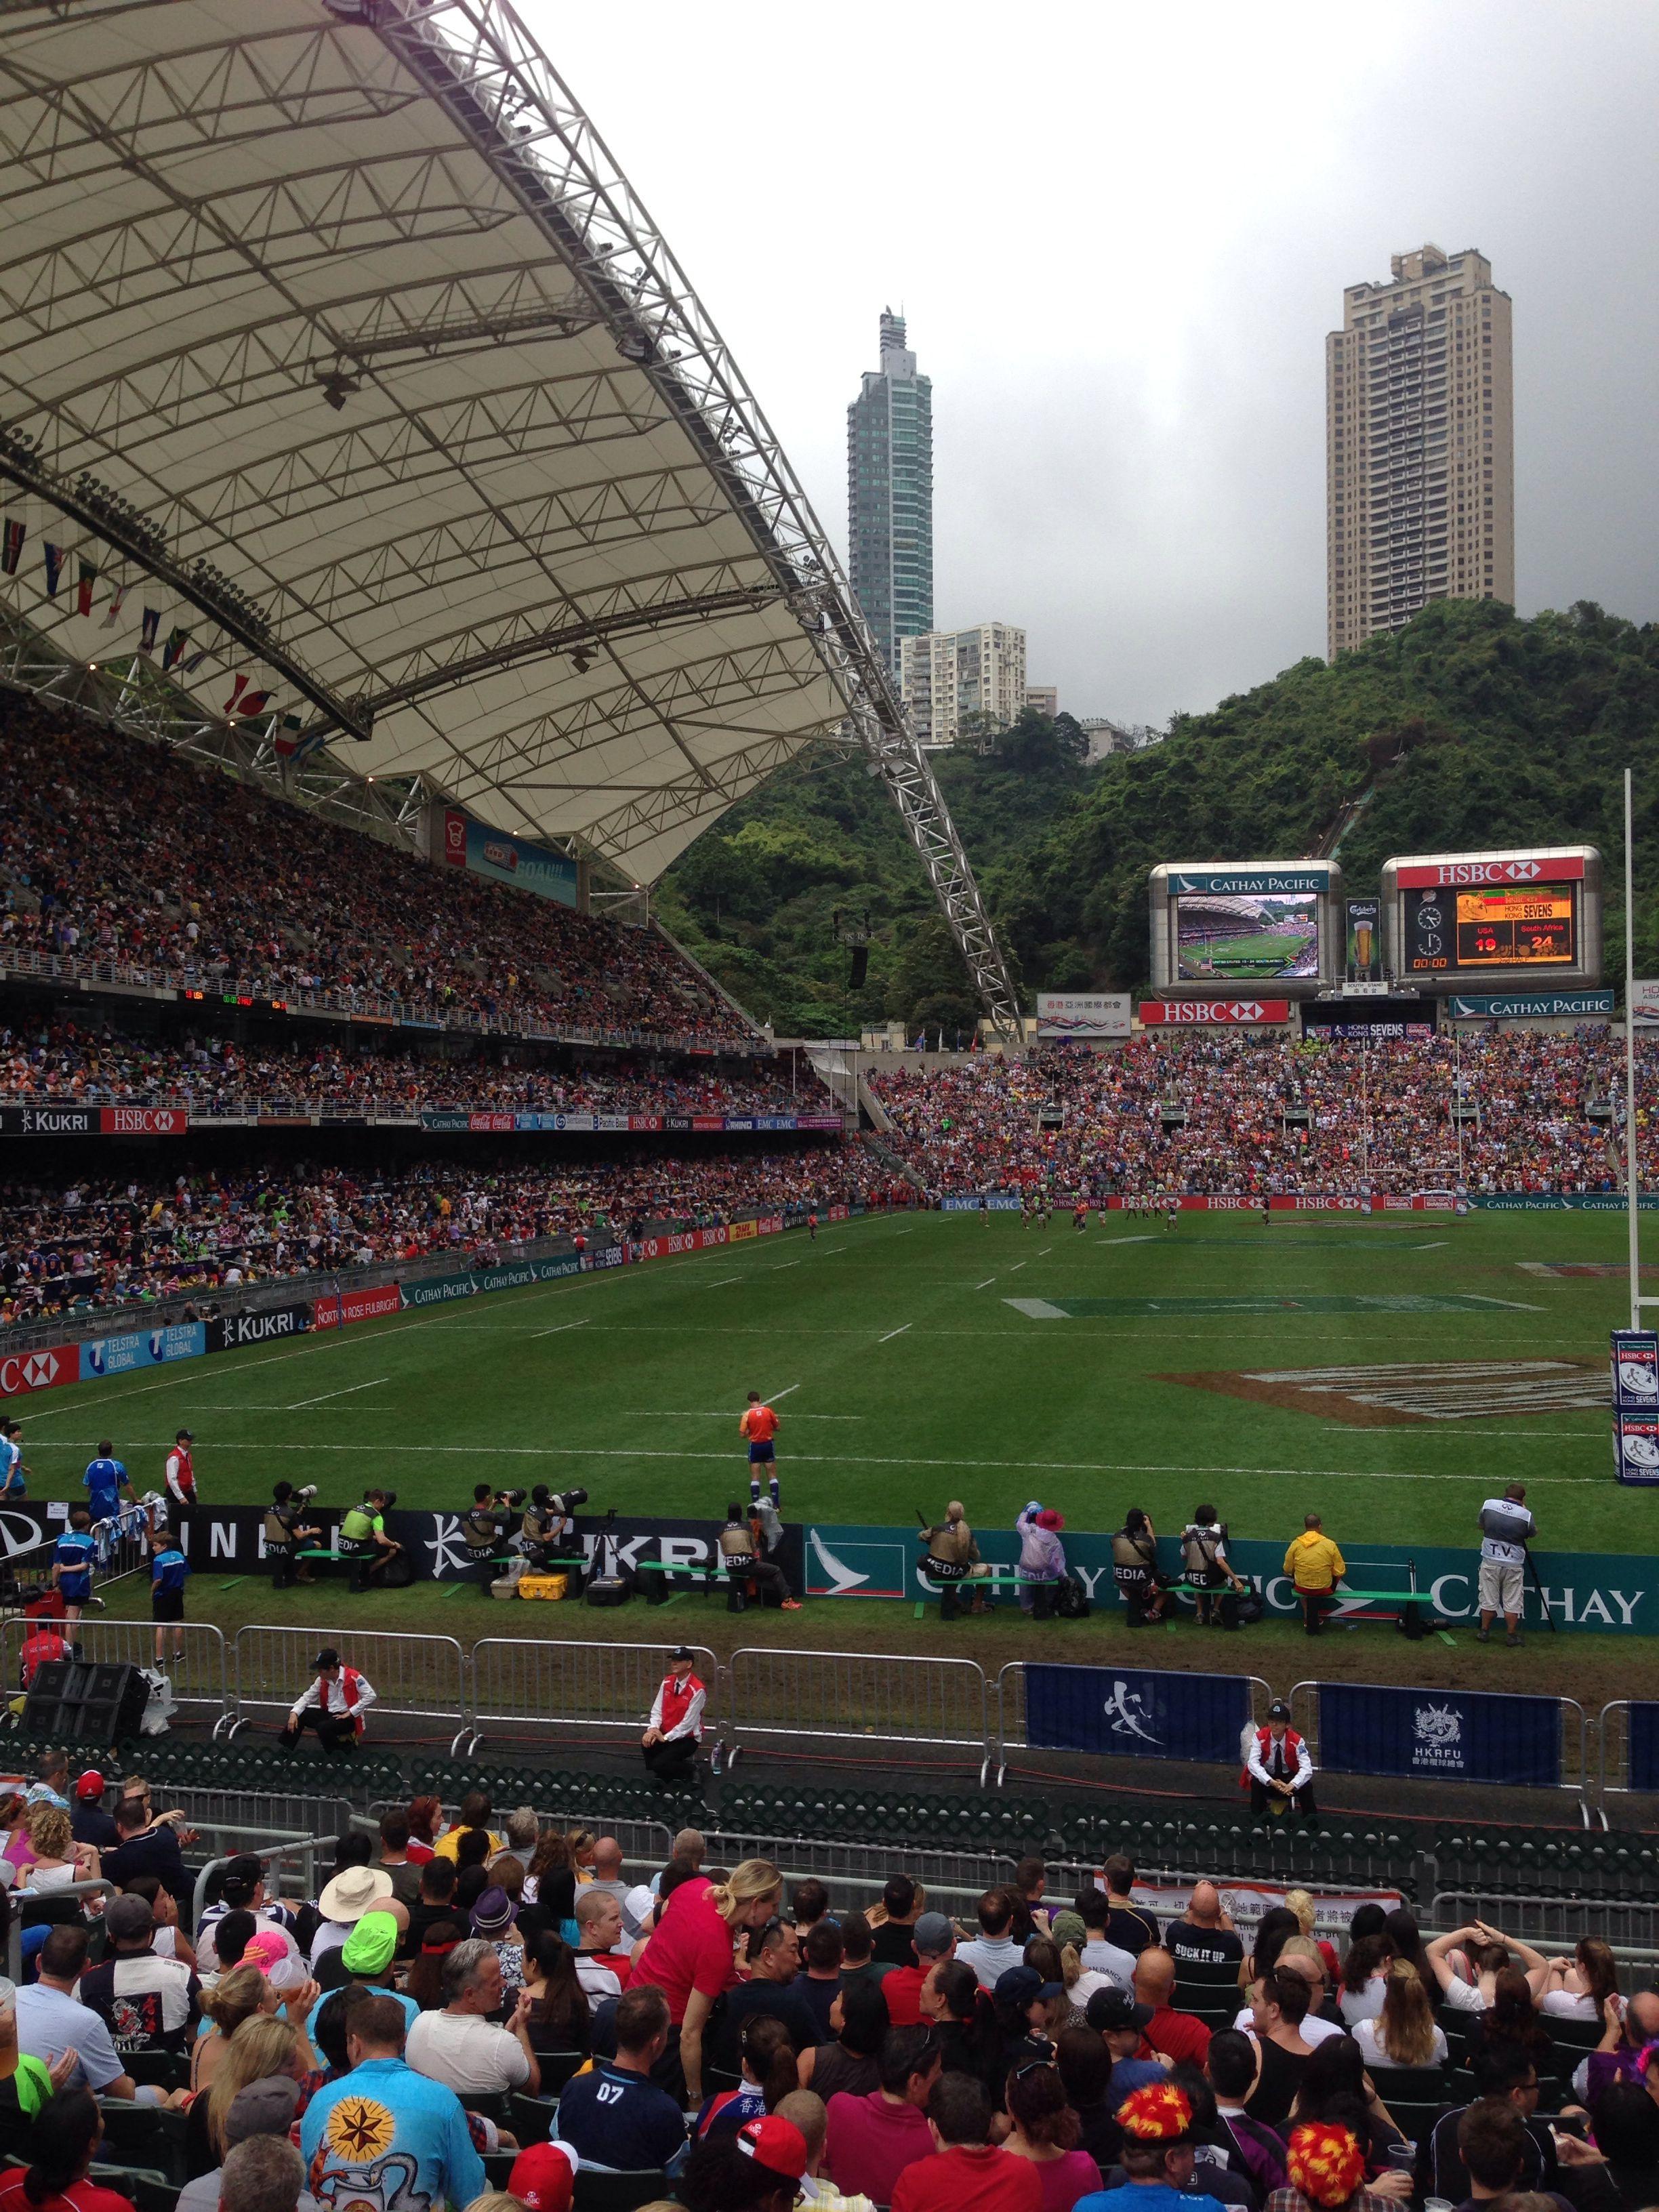 Hong Kong Sevens #hk7s #armorx